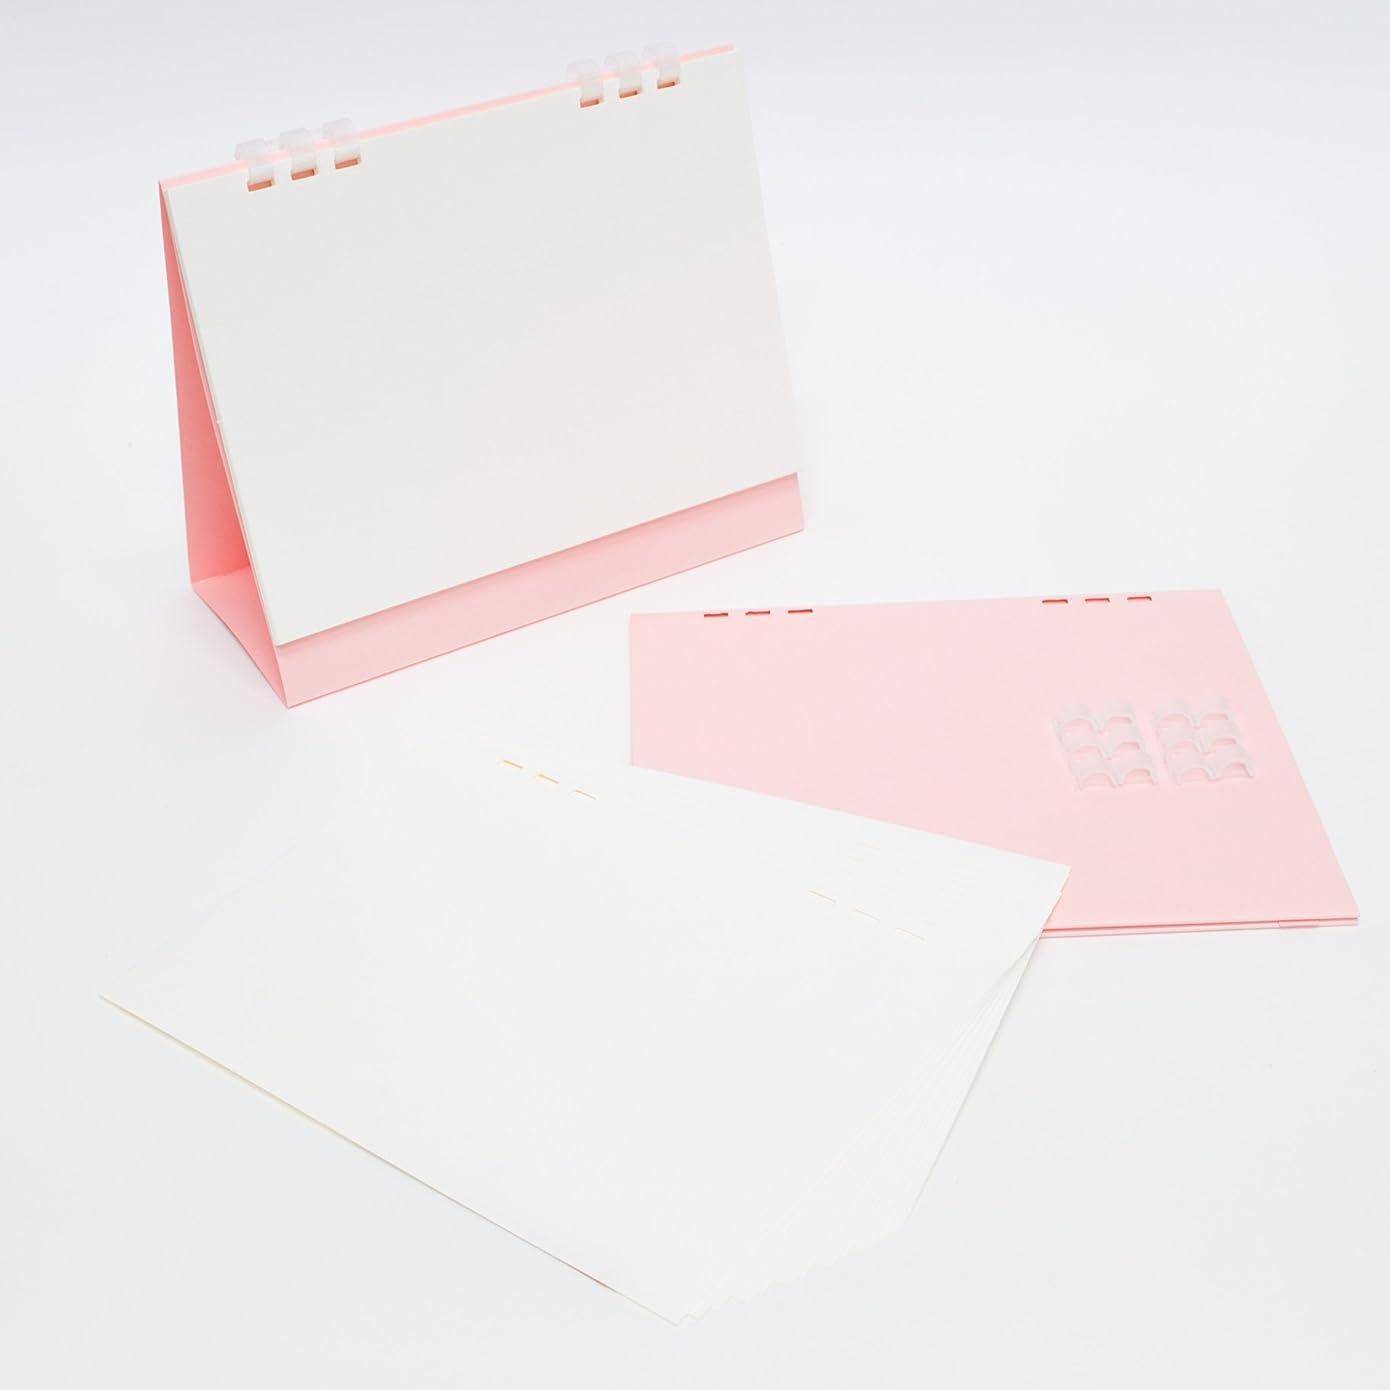 抵抗連結するコーン泰明紙加工 自分で作る 卓上カレンダー キット 2セット入り (台紙色 もも 穴開け加工済み)